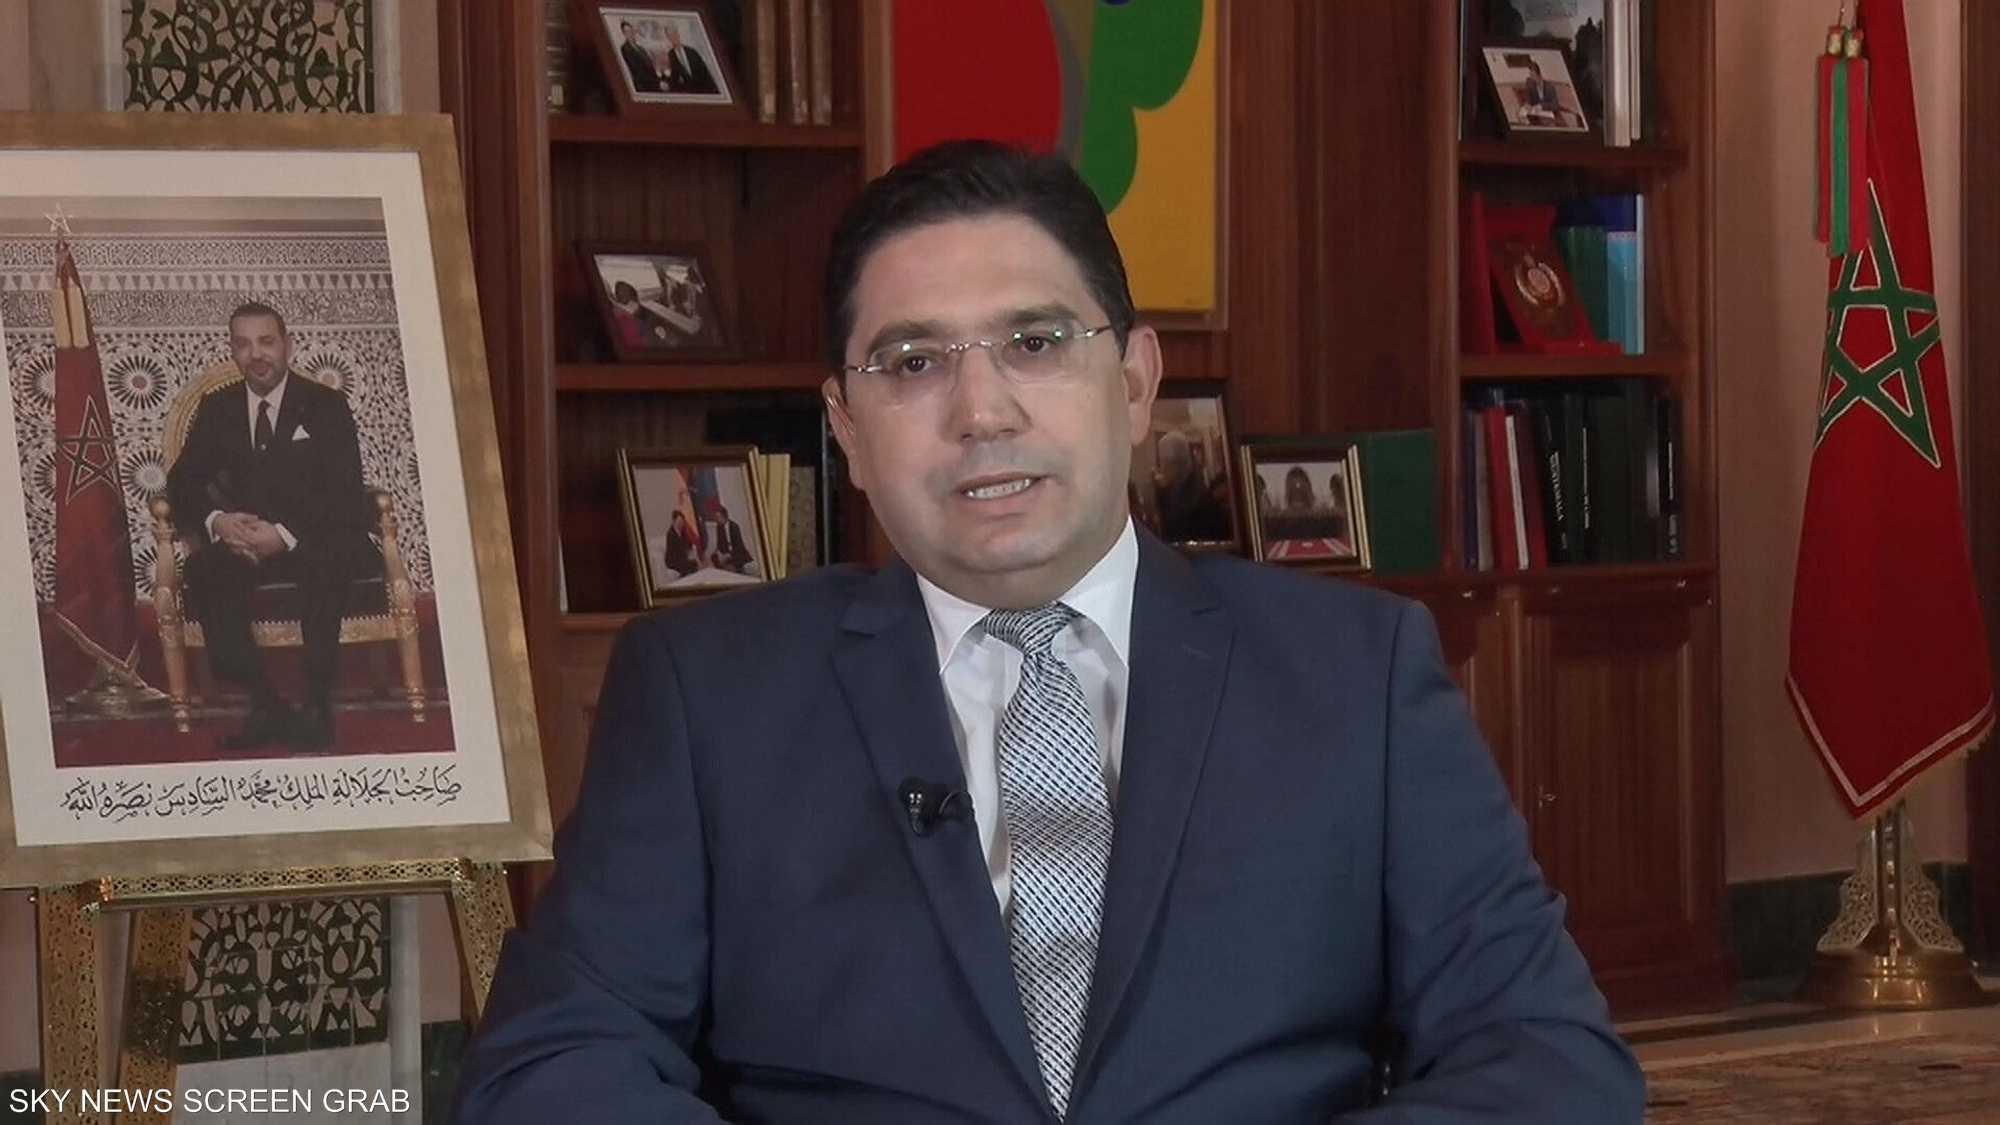 وزير الخارجية المغربي ناصر بوريطة ضيف مع جيزال